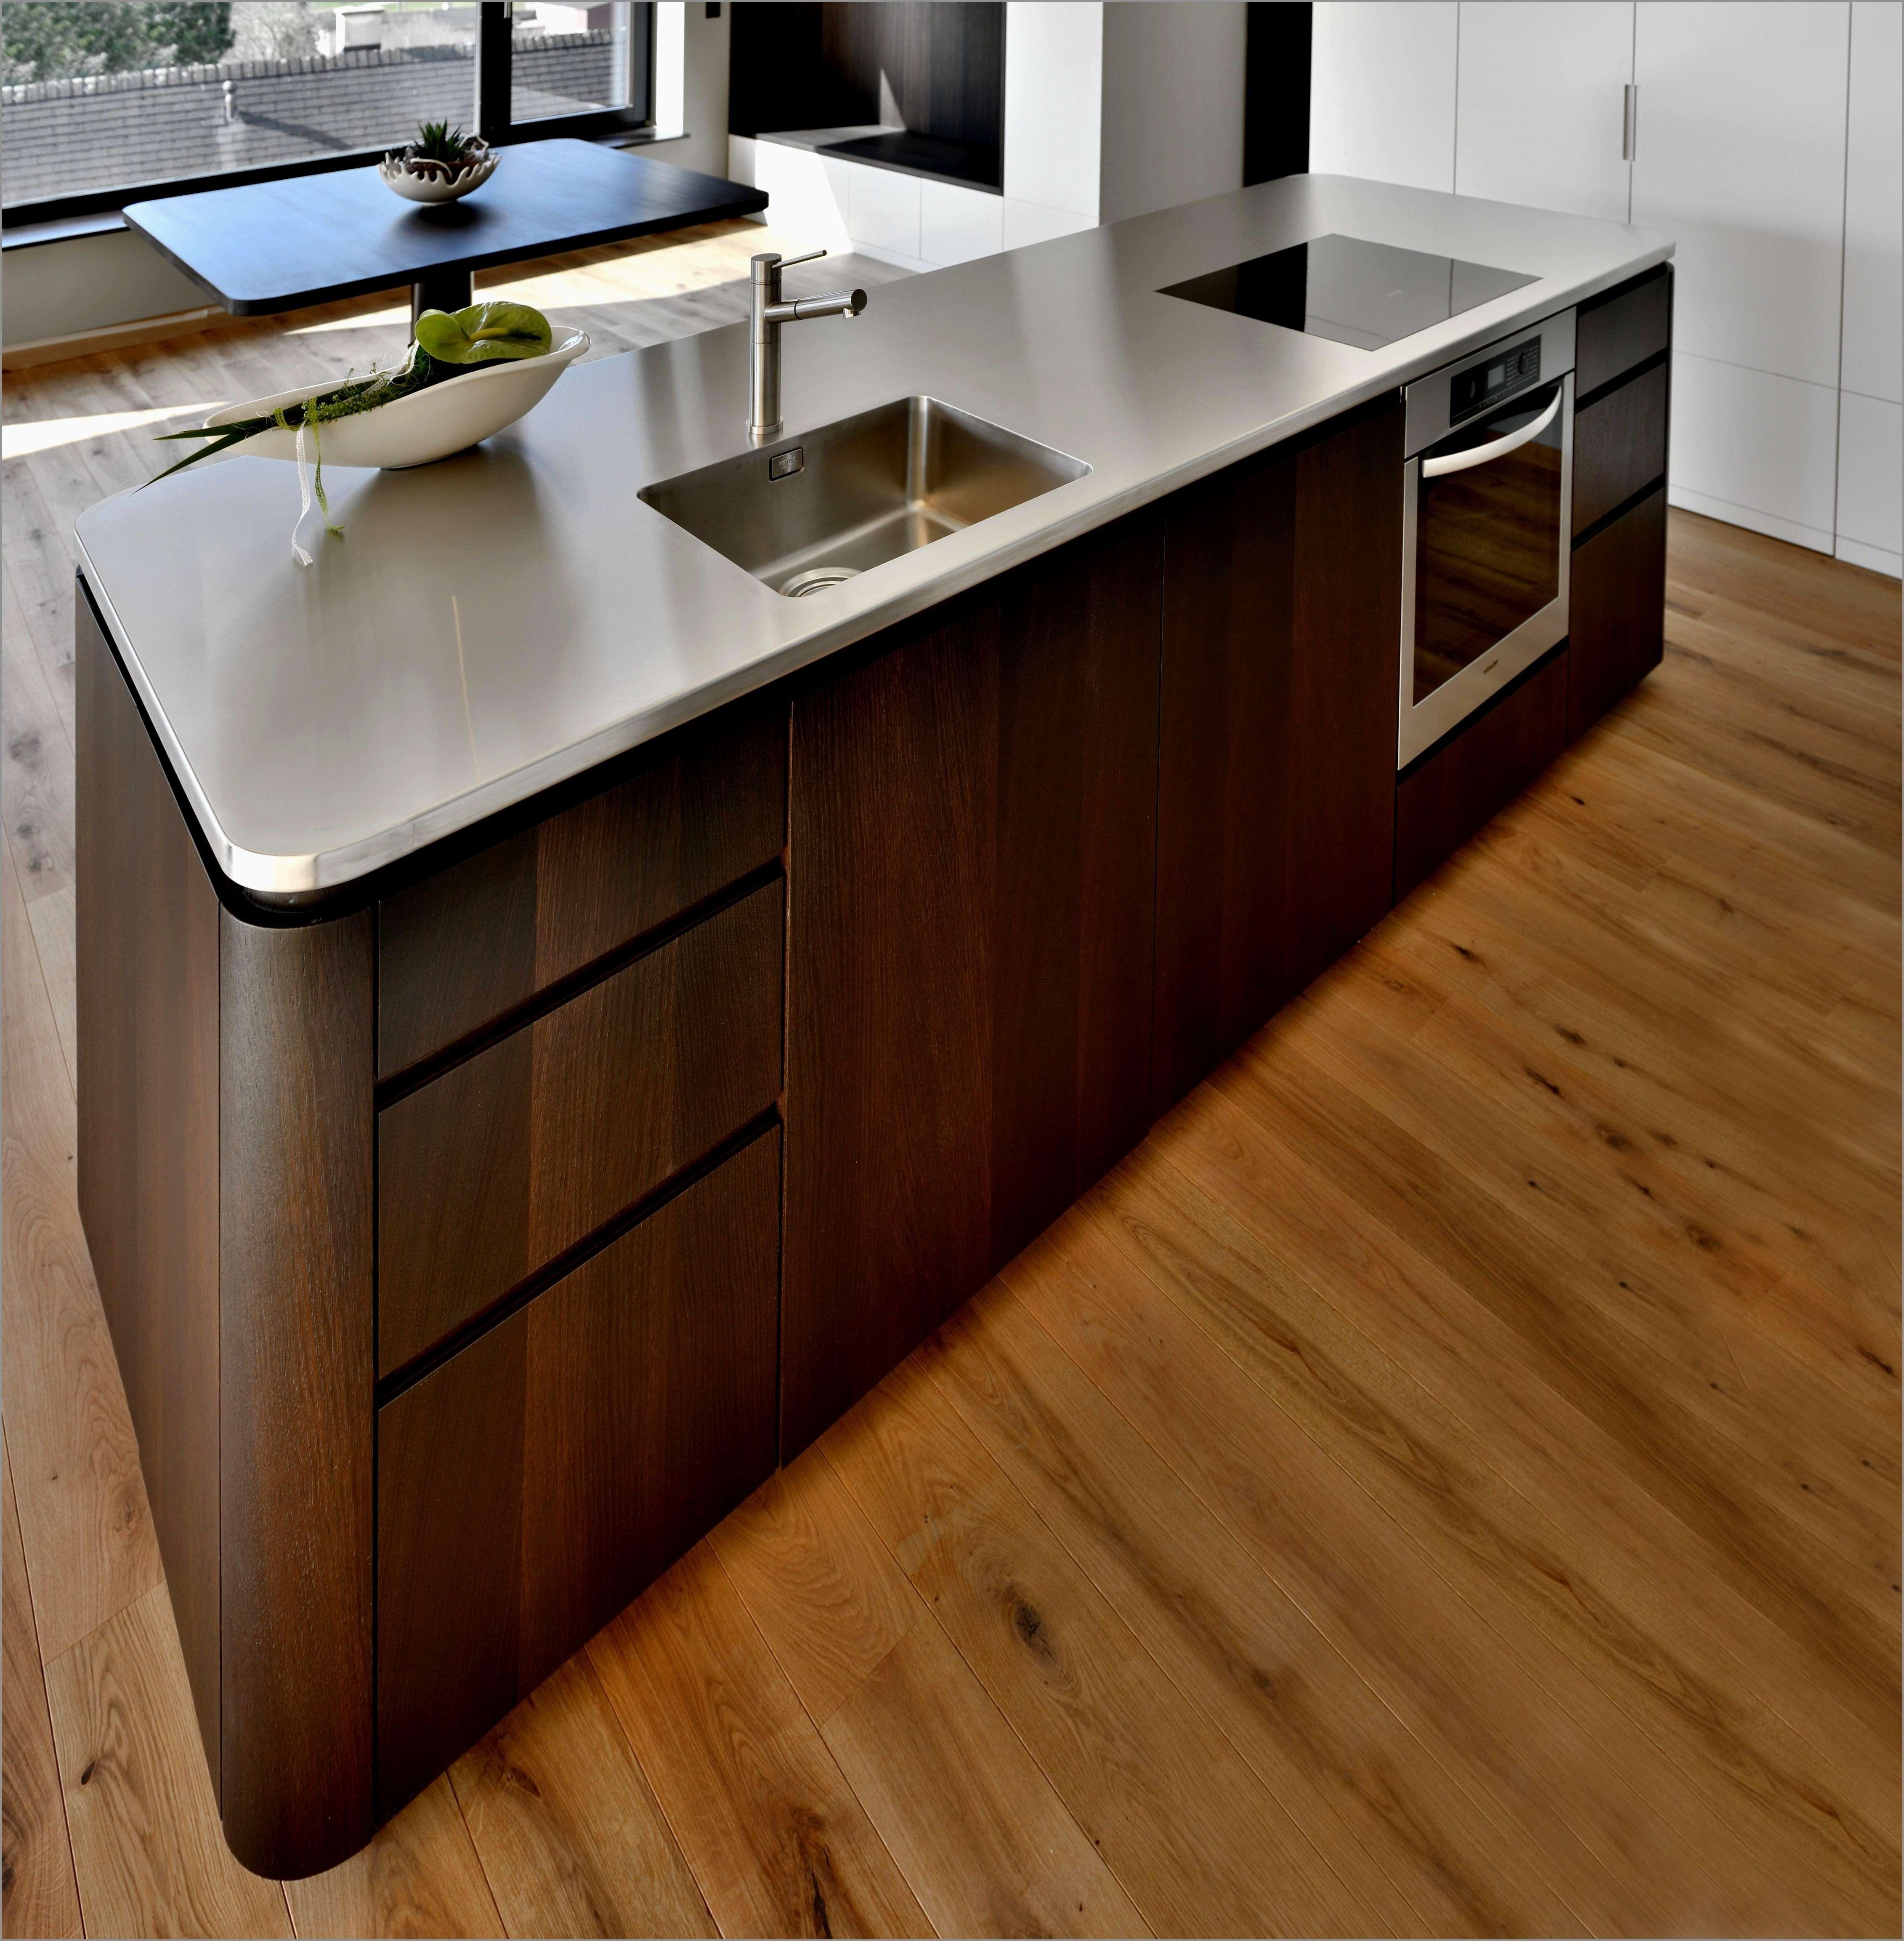 44 Neu Küchen Unterschrank Ohne Arbeitsplatte (With images